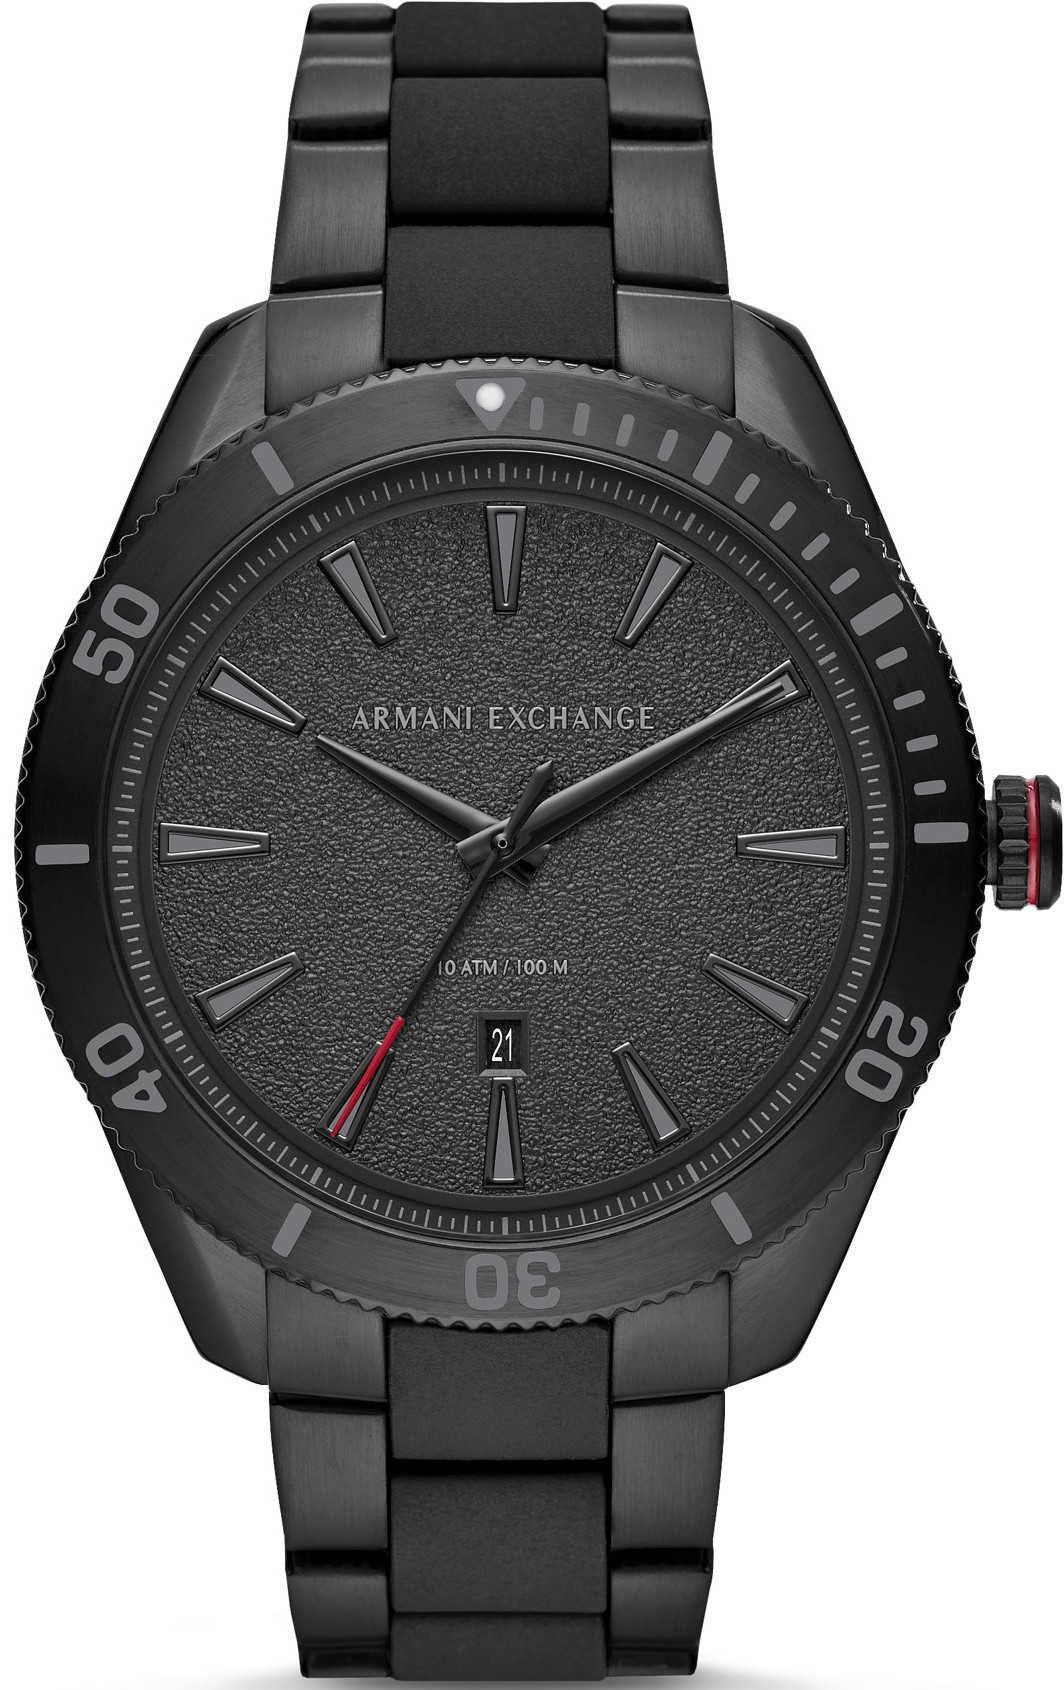 Zegarek Armani Exchange AX1826 Enzo - CENA DO NEGOCJACJI - DOSTAWA DHL GRATIS, KUPUJ BEZ RYZYKA - 100 dni na zwrot, możliwość wygrawerowania dowolnego tekstu.